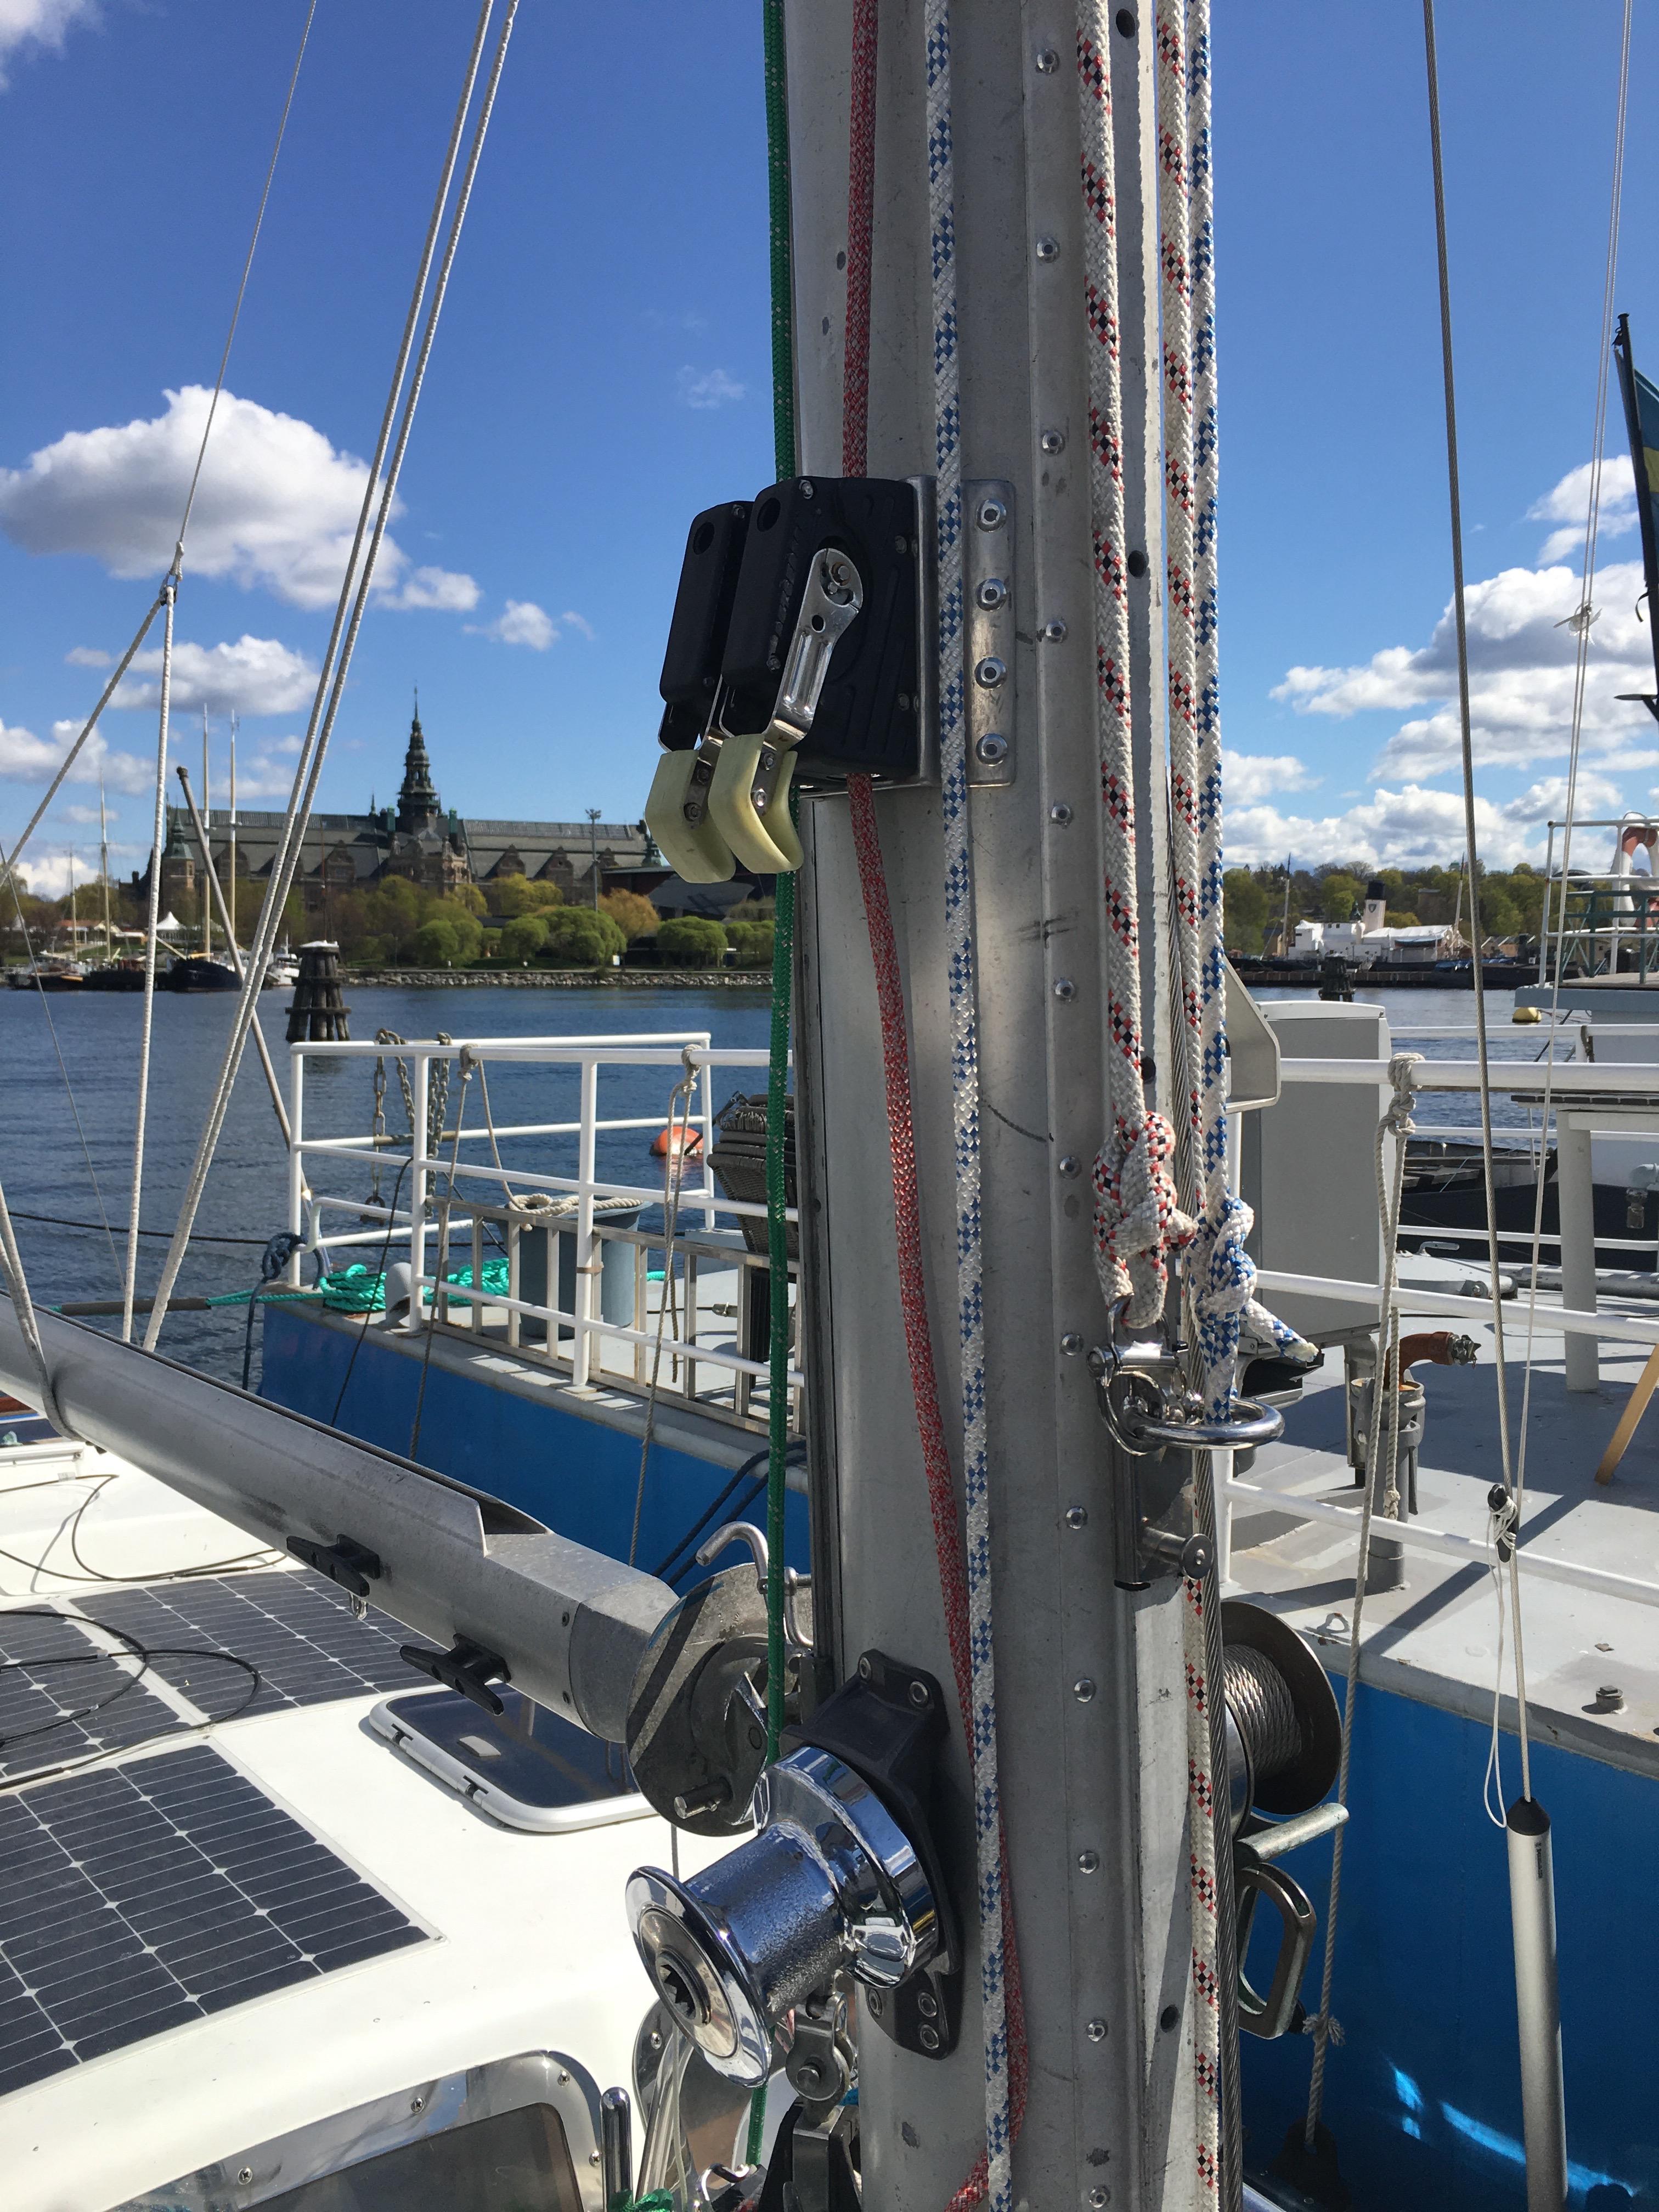 halyard winch main mast